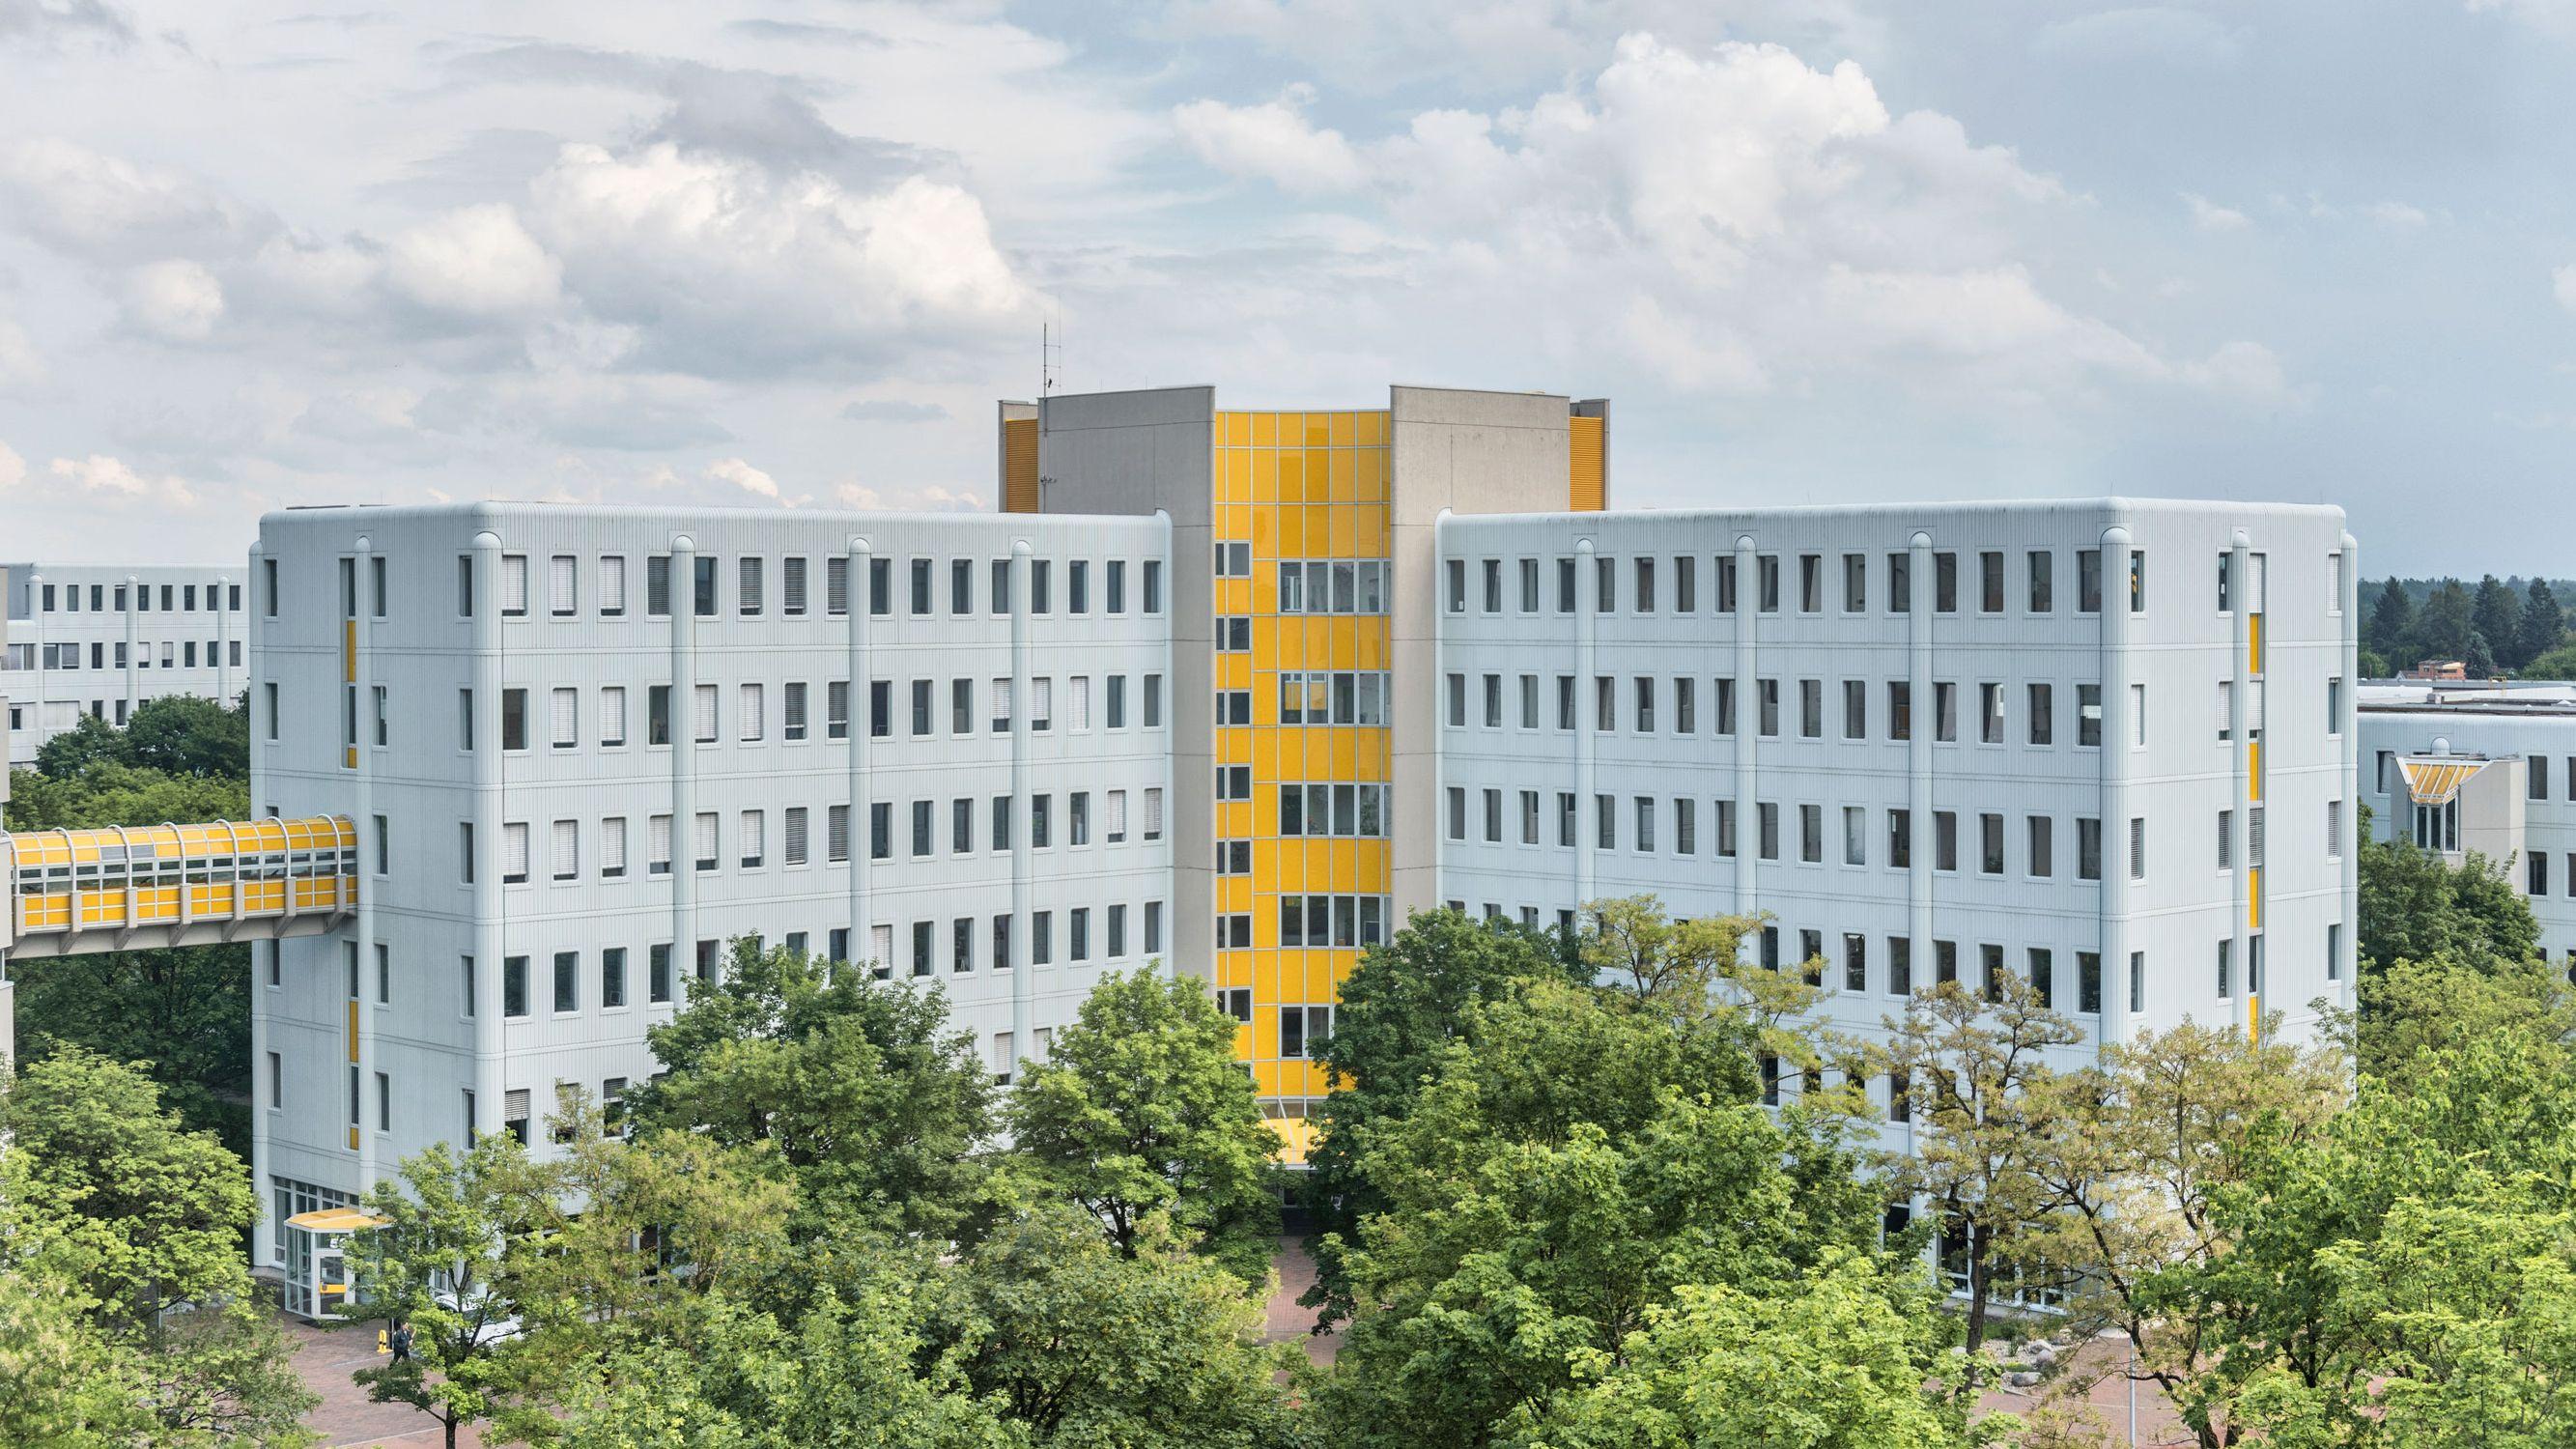 ドイツの職業訓練制度が問う 「一生通用する技能」の意味